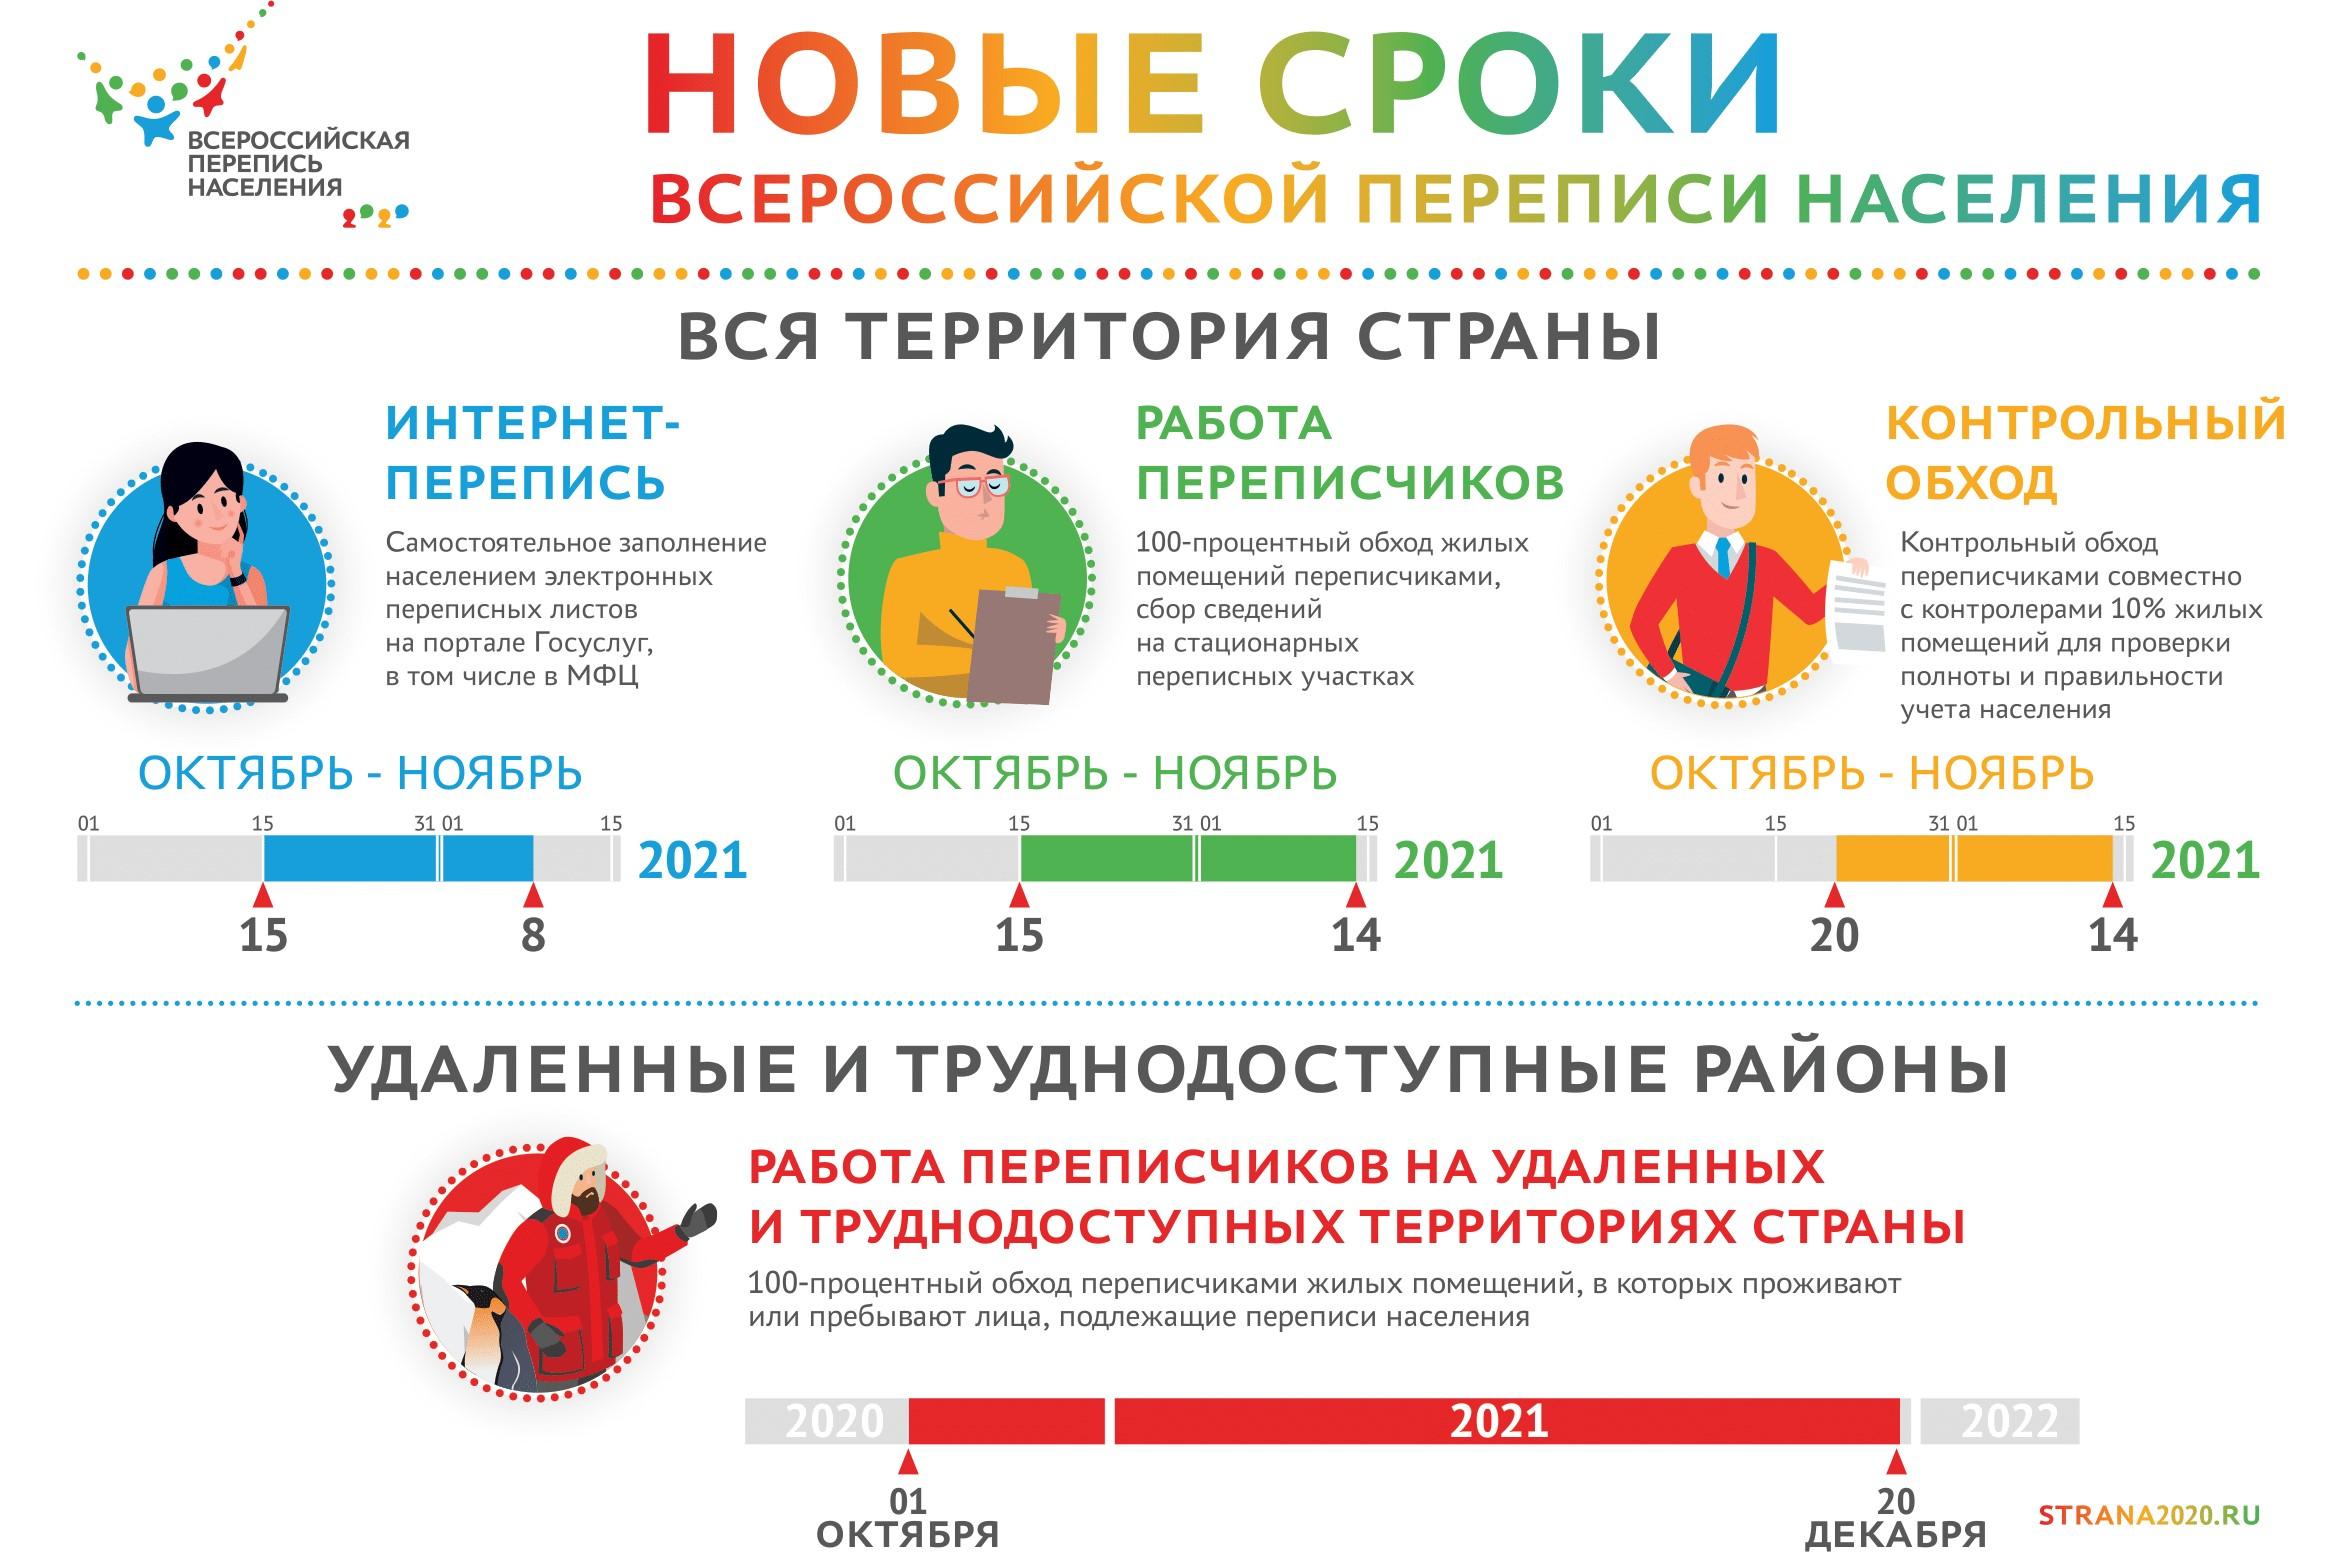 Всероссийская перепись населения пройдёт с 15 октября до 14 ноября 2021 года с использованием цифровых технологий